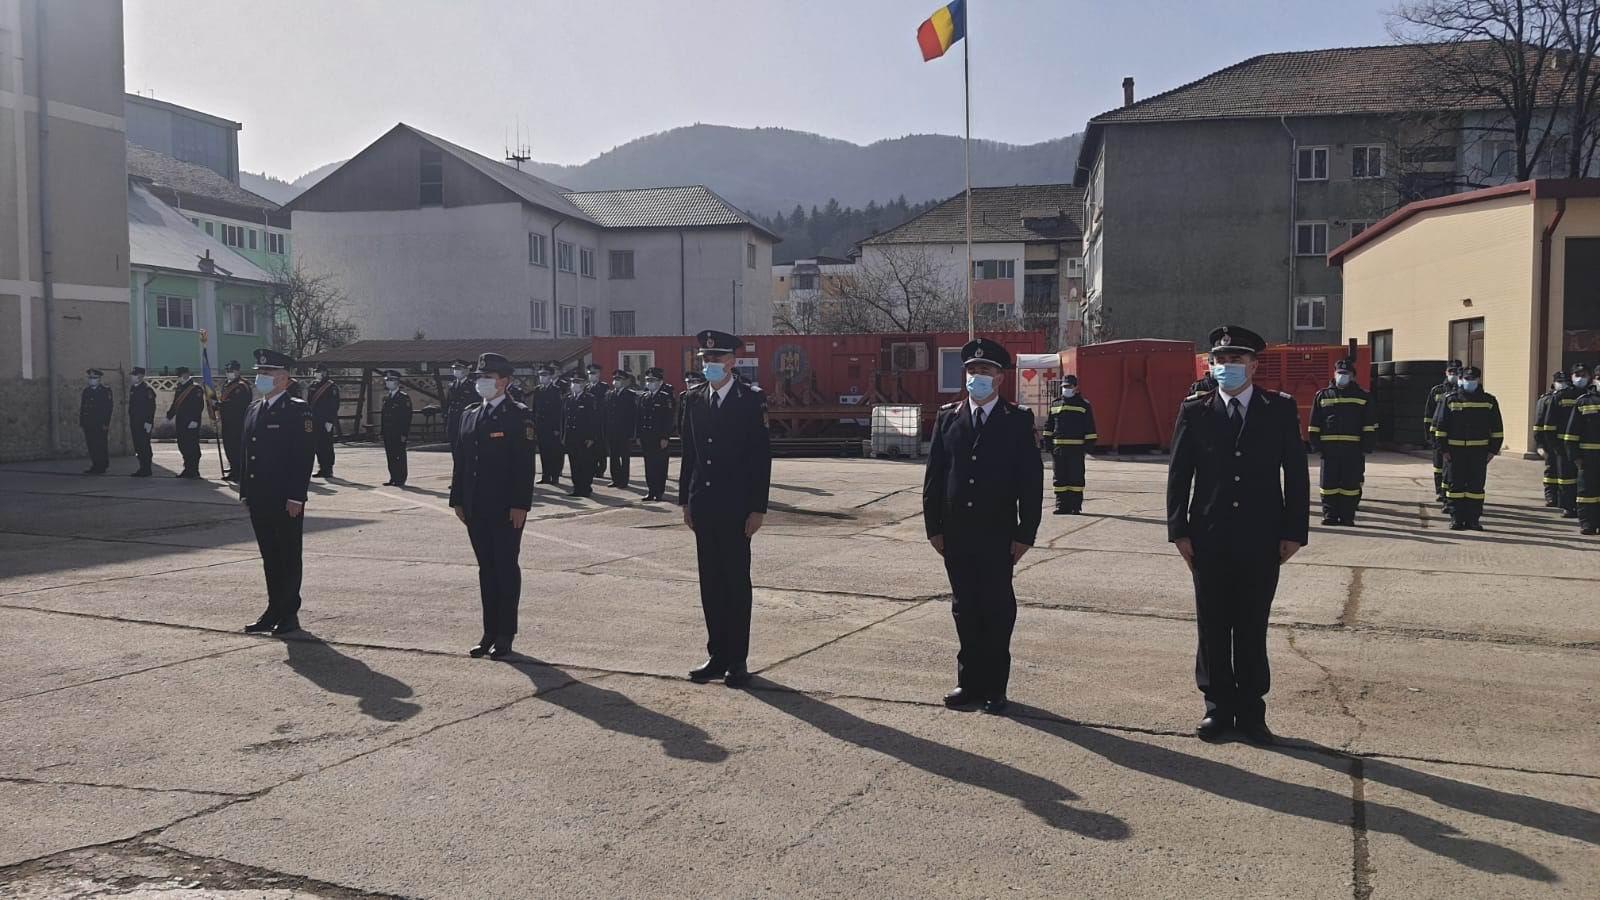 Distincții și avansări în grad pentru pompieri, cu ocazia Zilei Protecţiei Civile din România